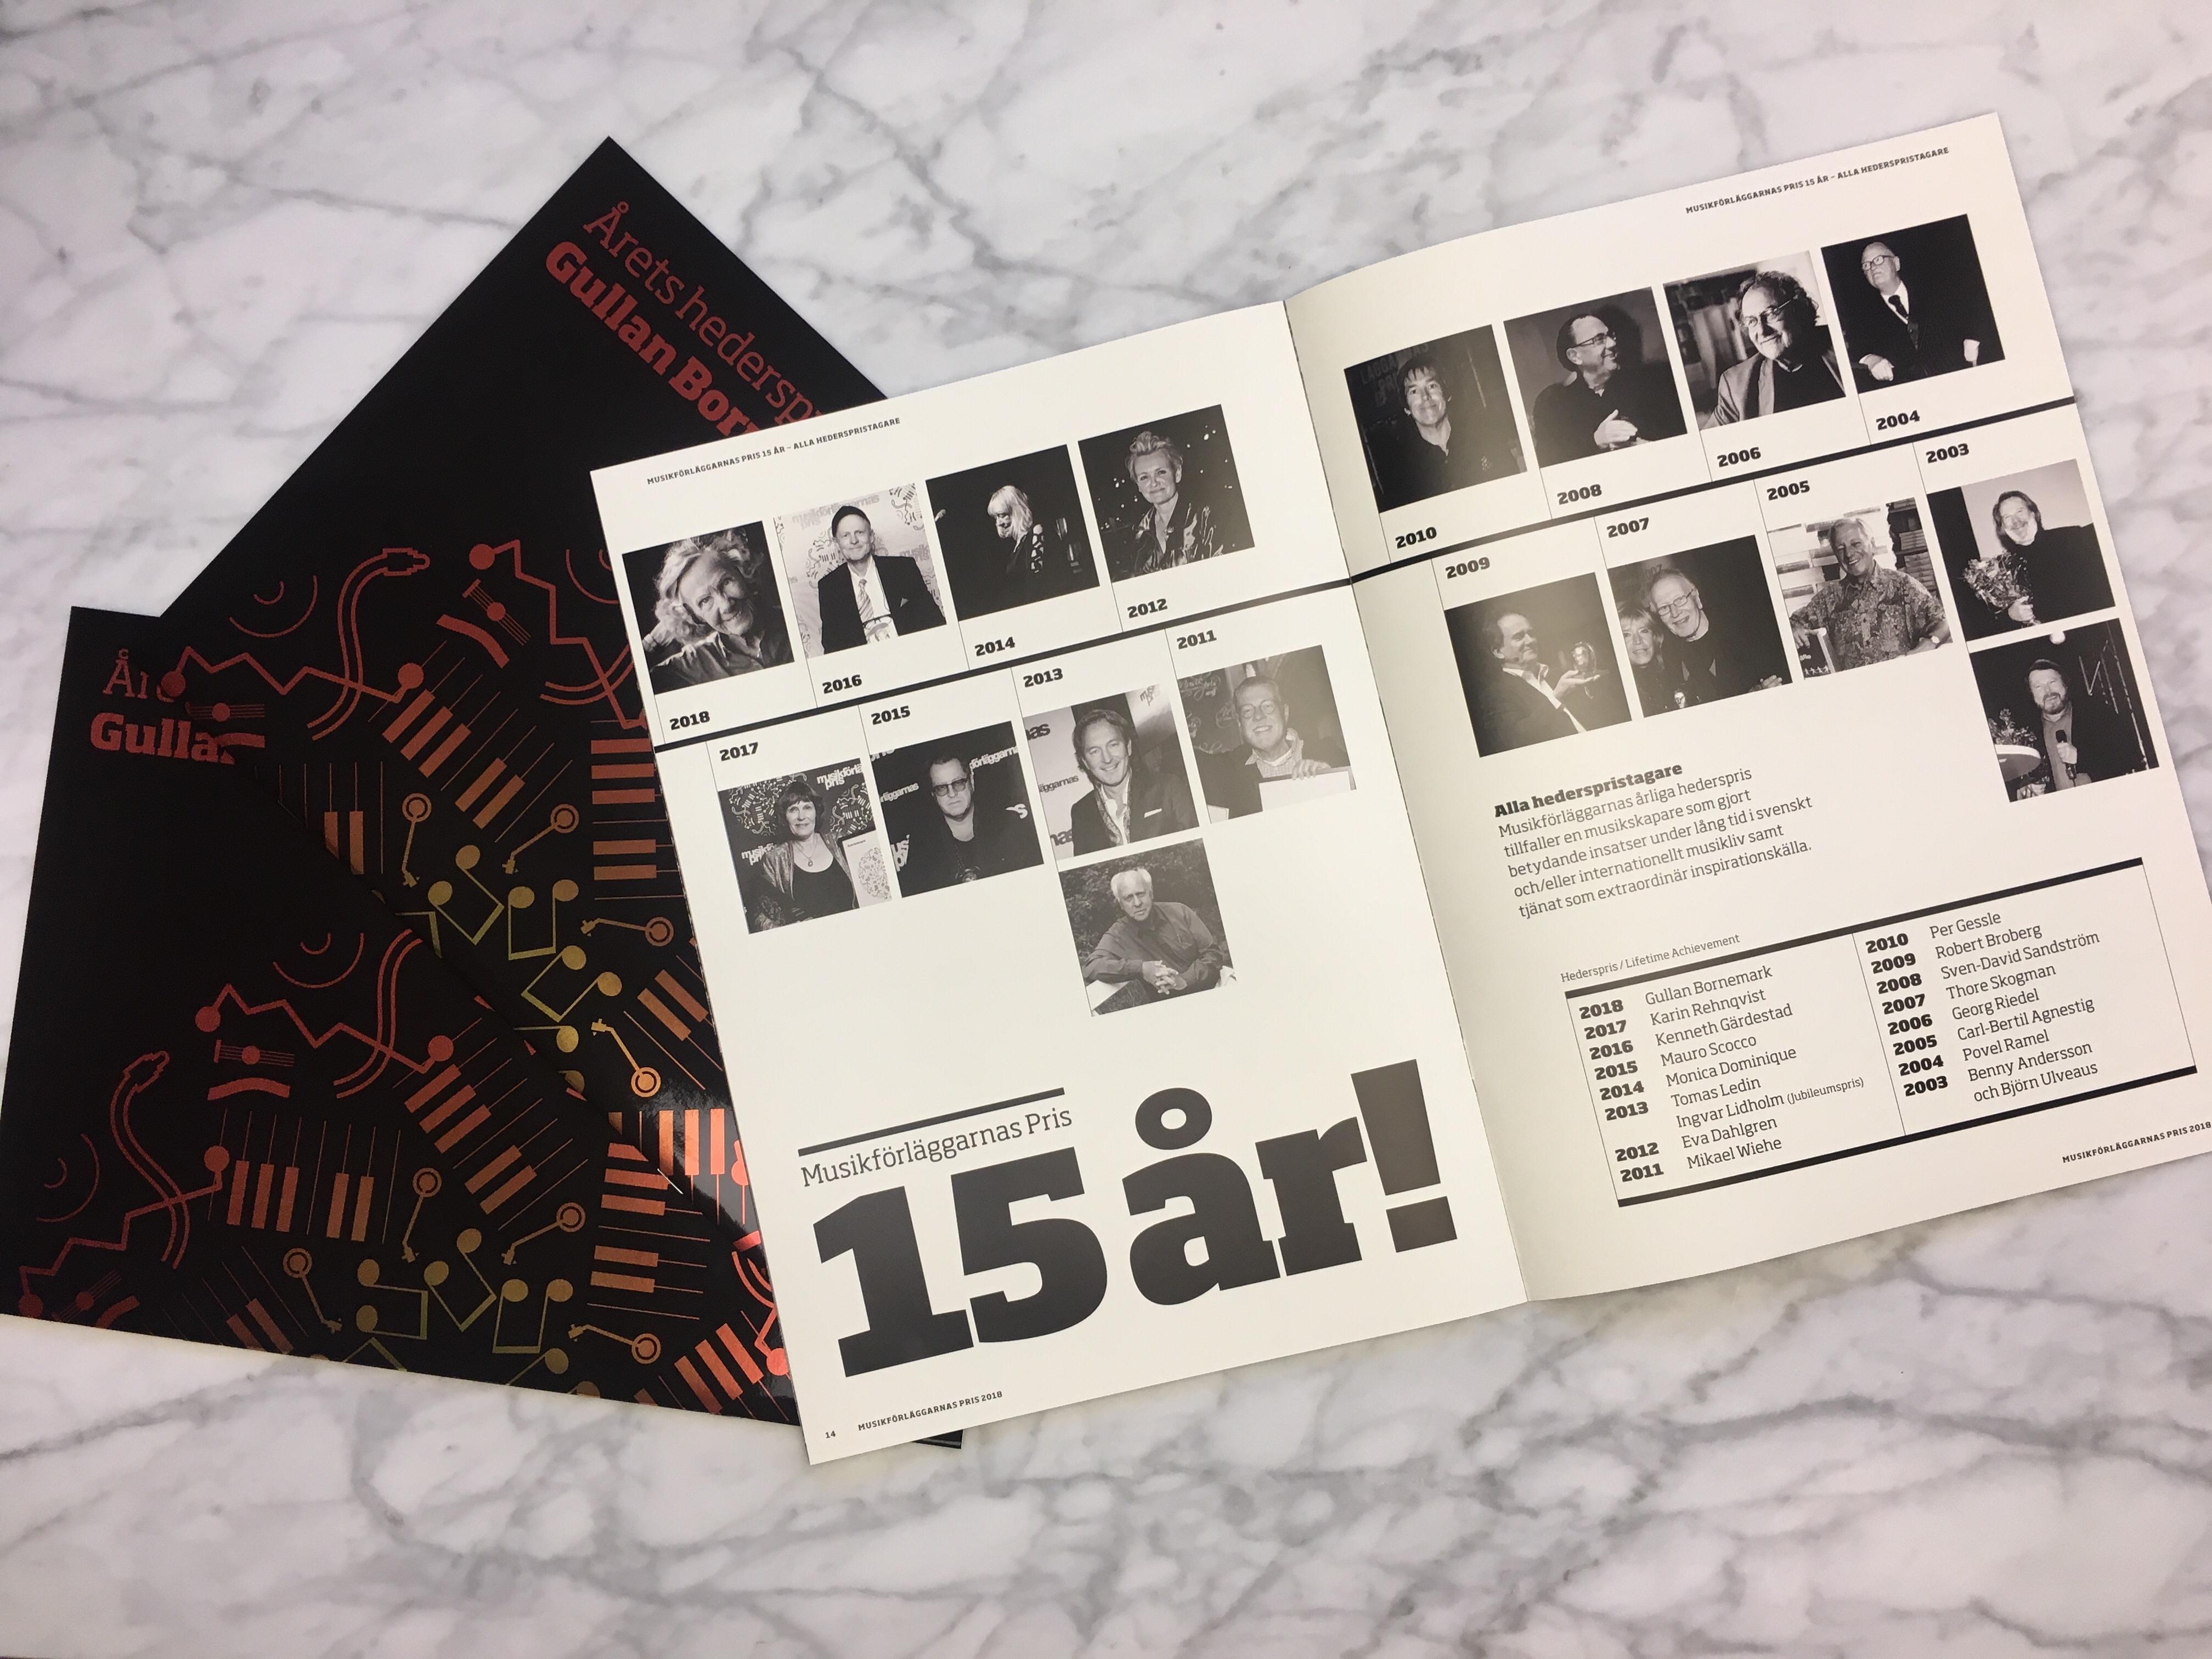 Musikförläggarnas Pris galatidning 2018